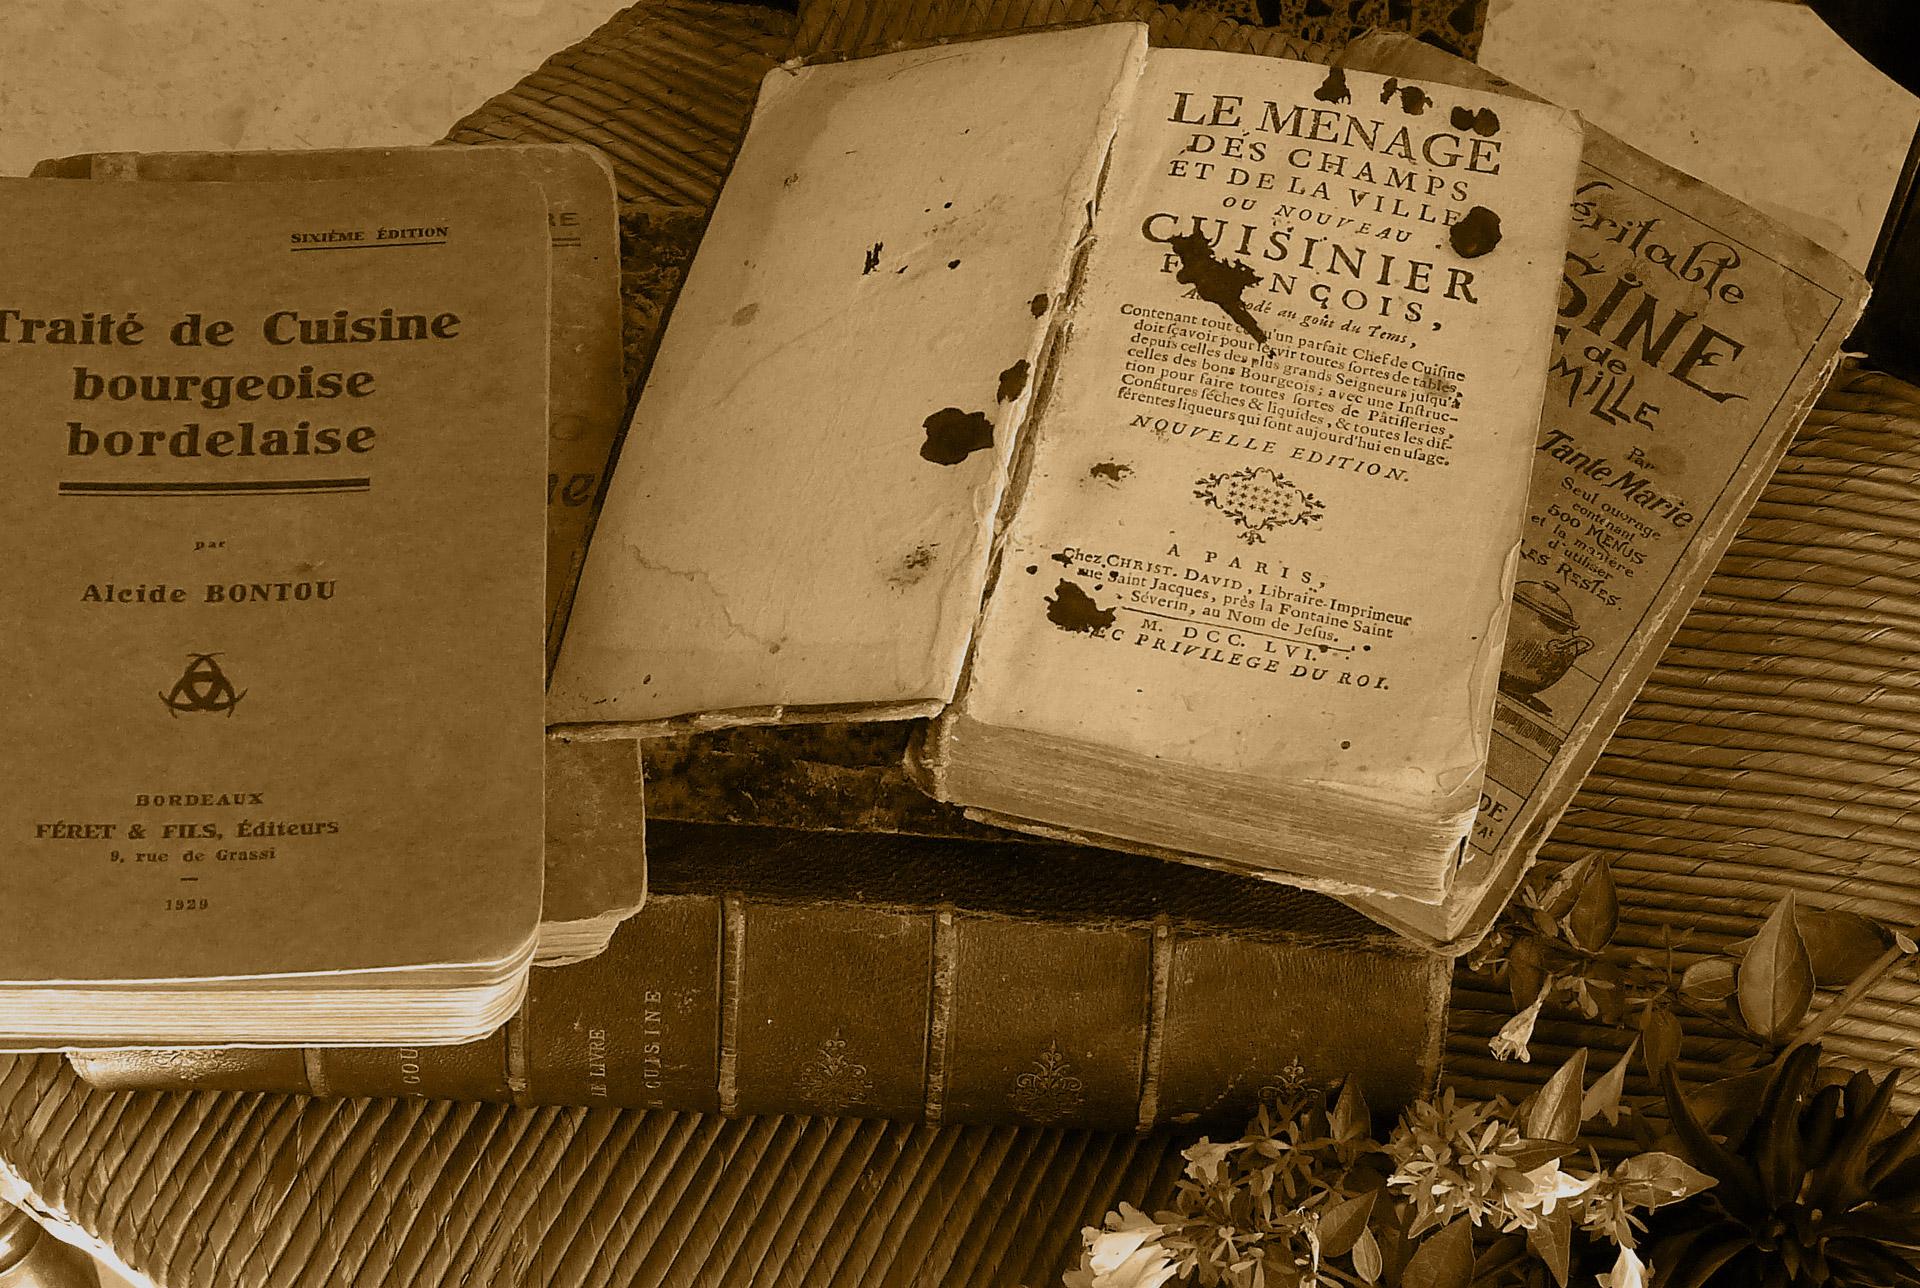 Livres-anciens-cuisine-les-causeries-culinaires-recettes-ancetres-boutique-cours-cuisine-histoire